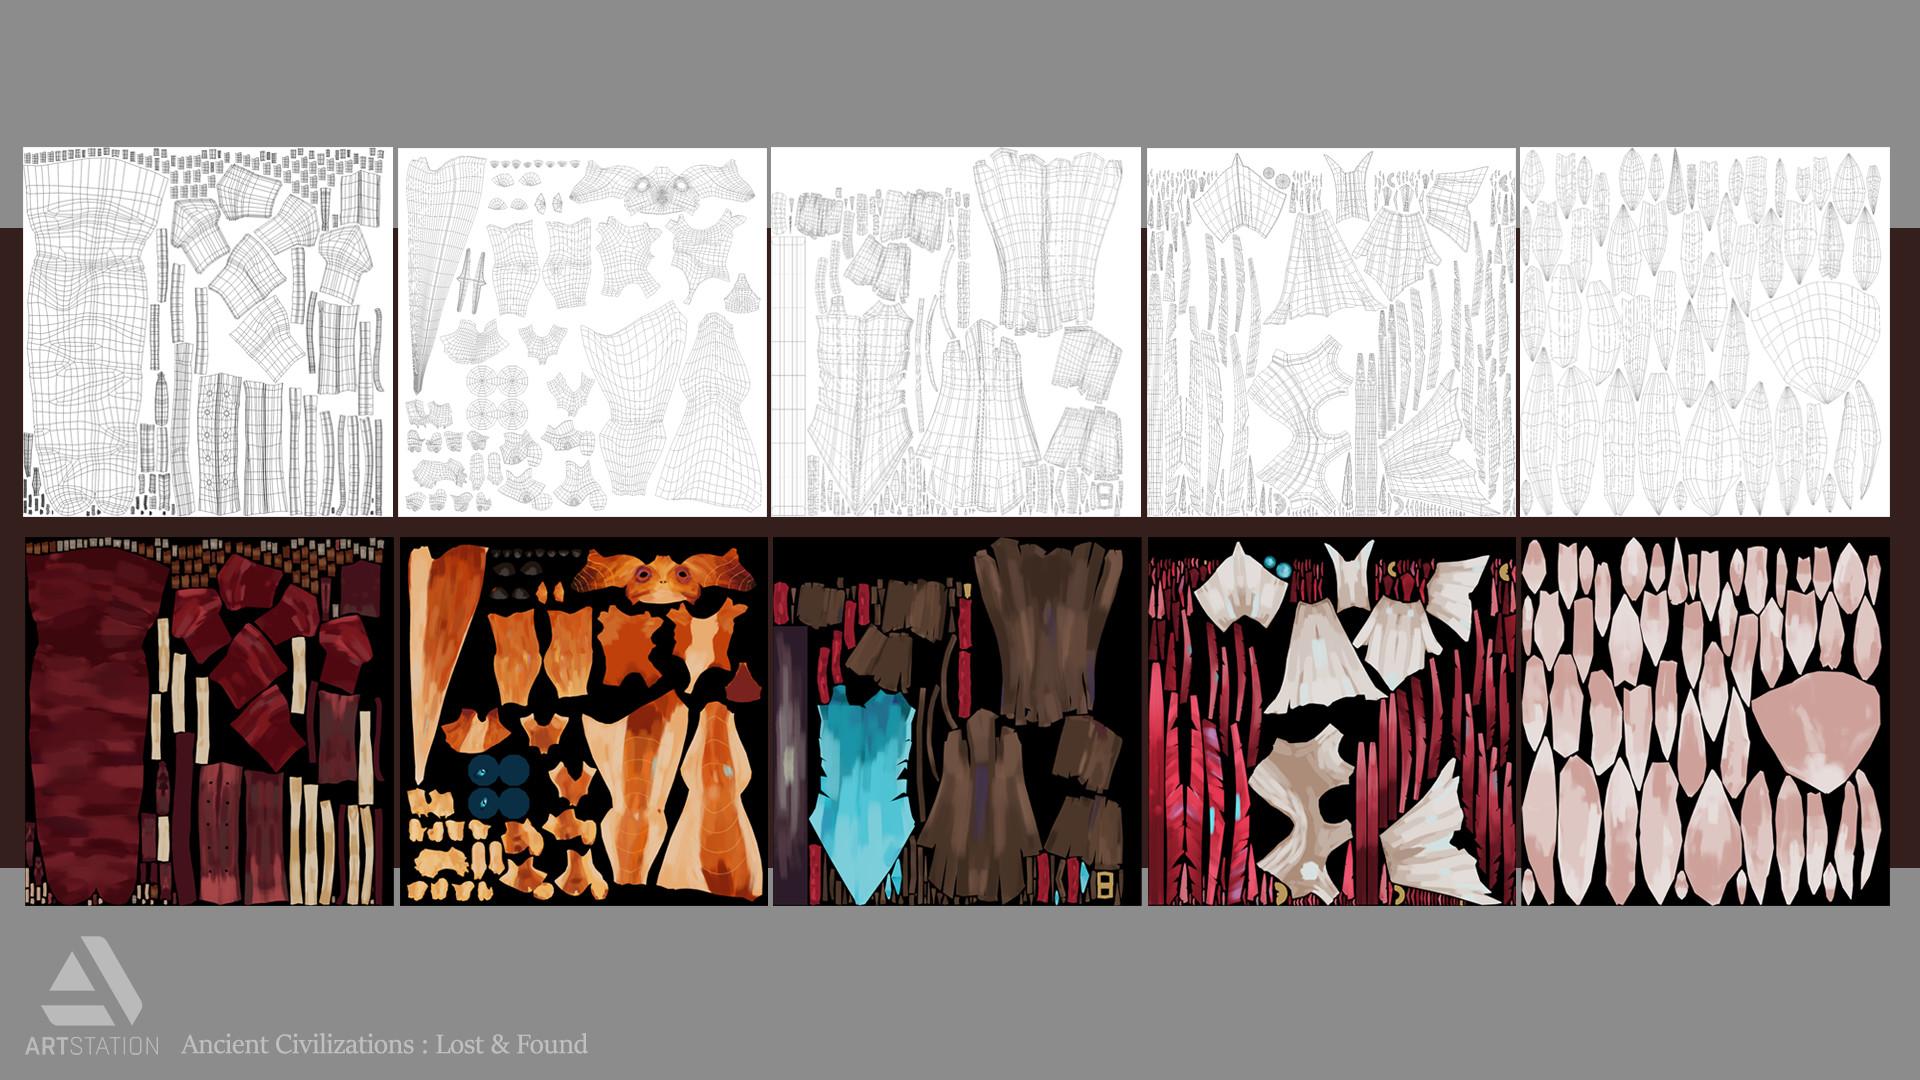 Ladislas gueros 09 txmaps